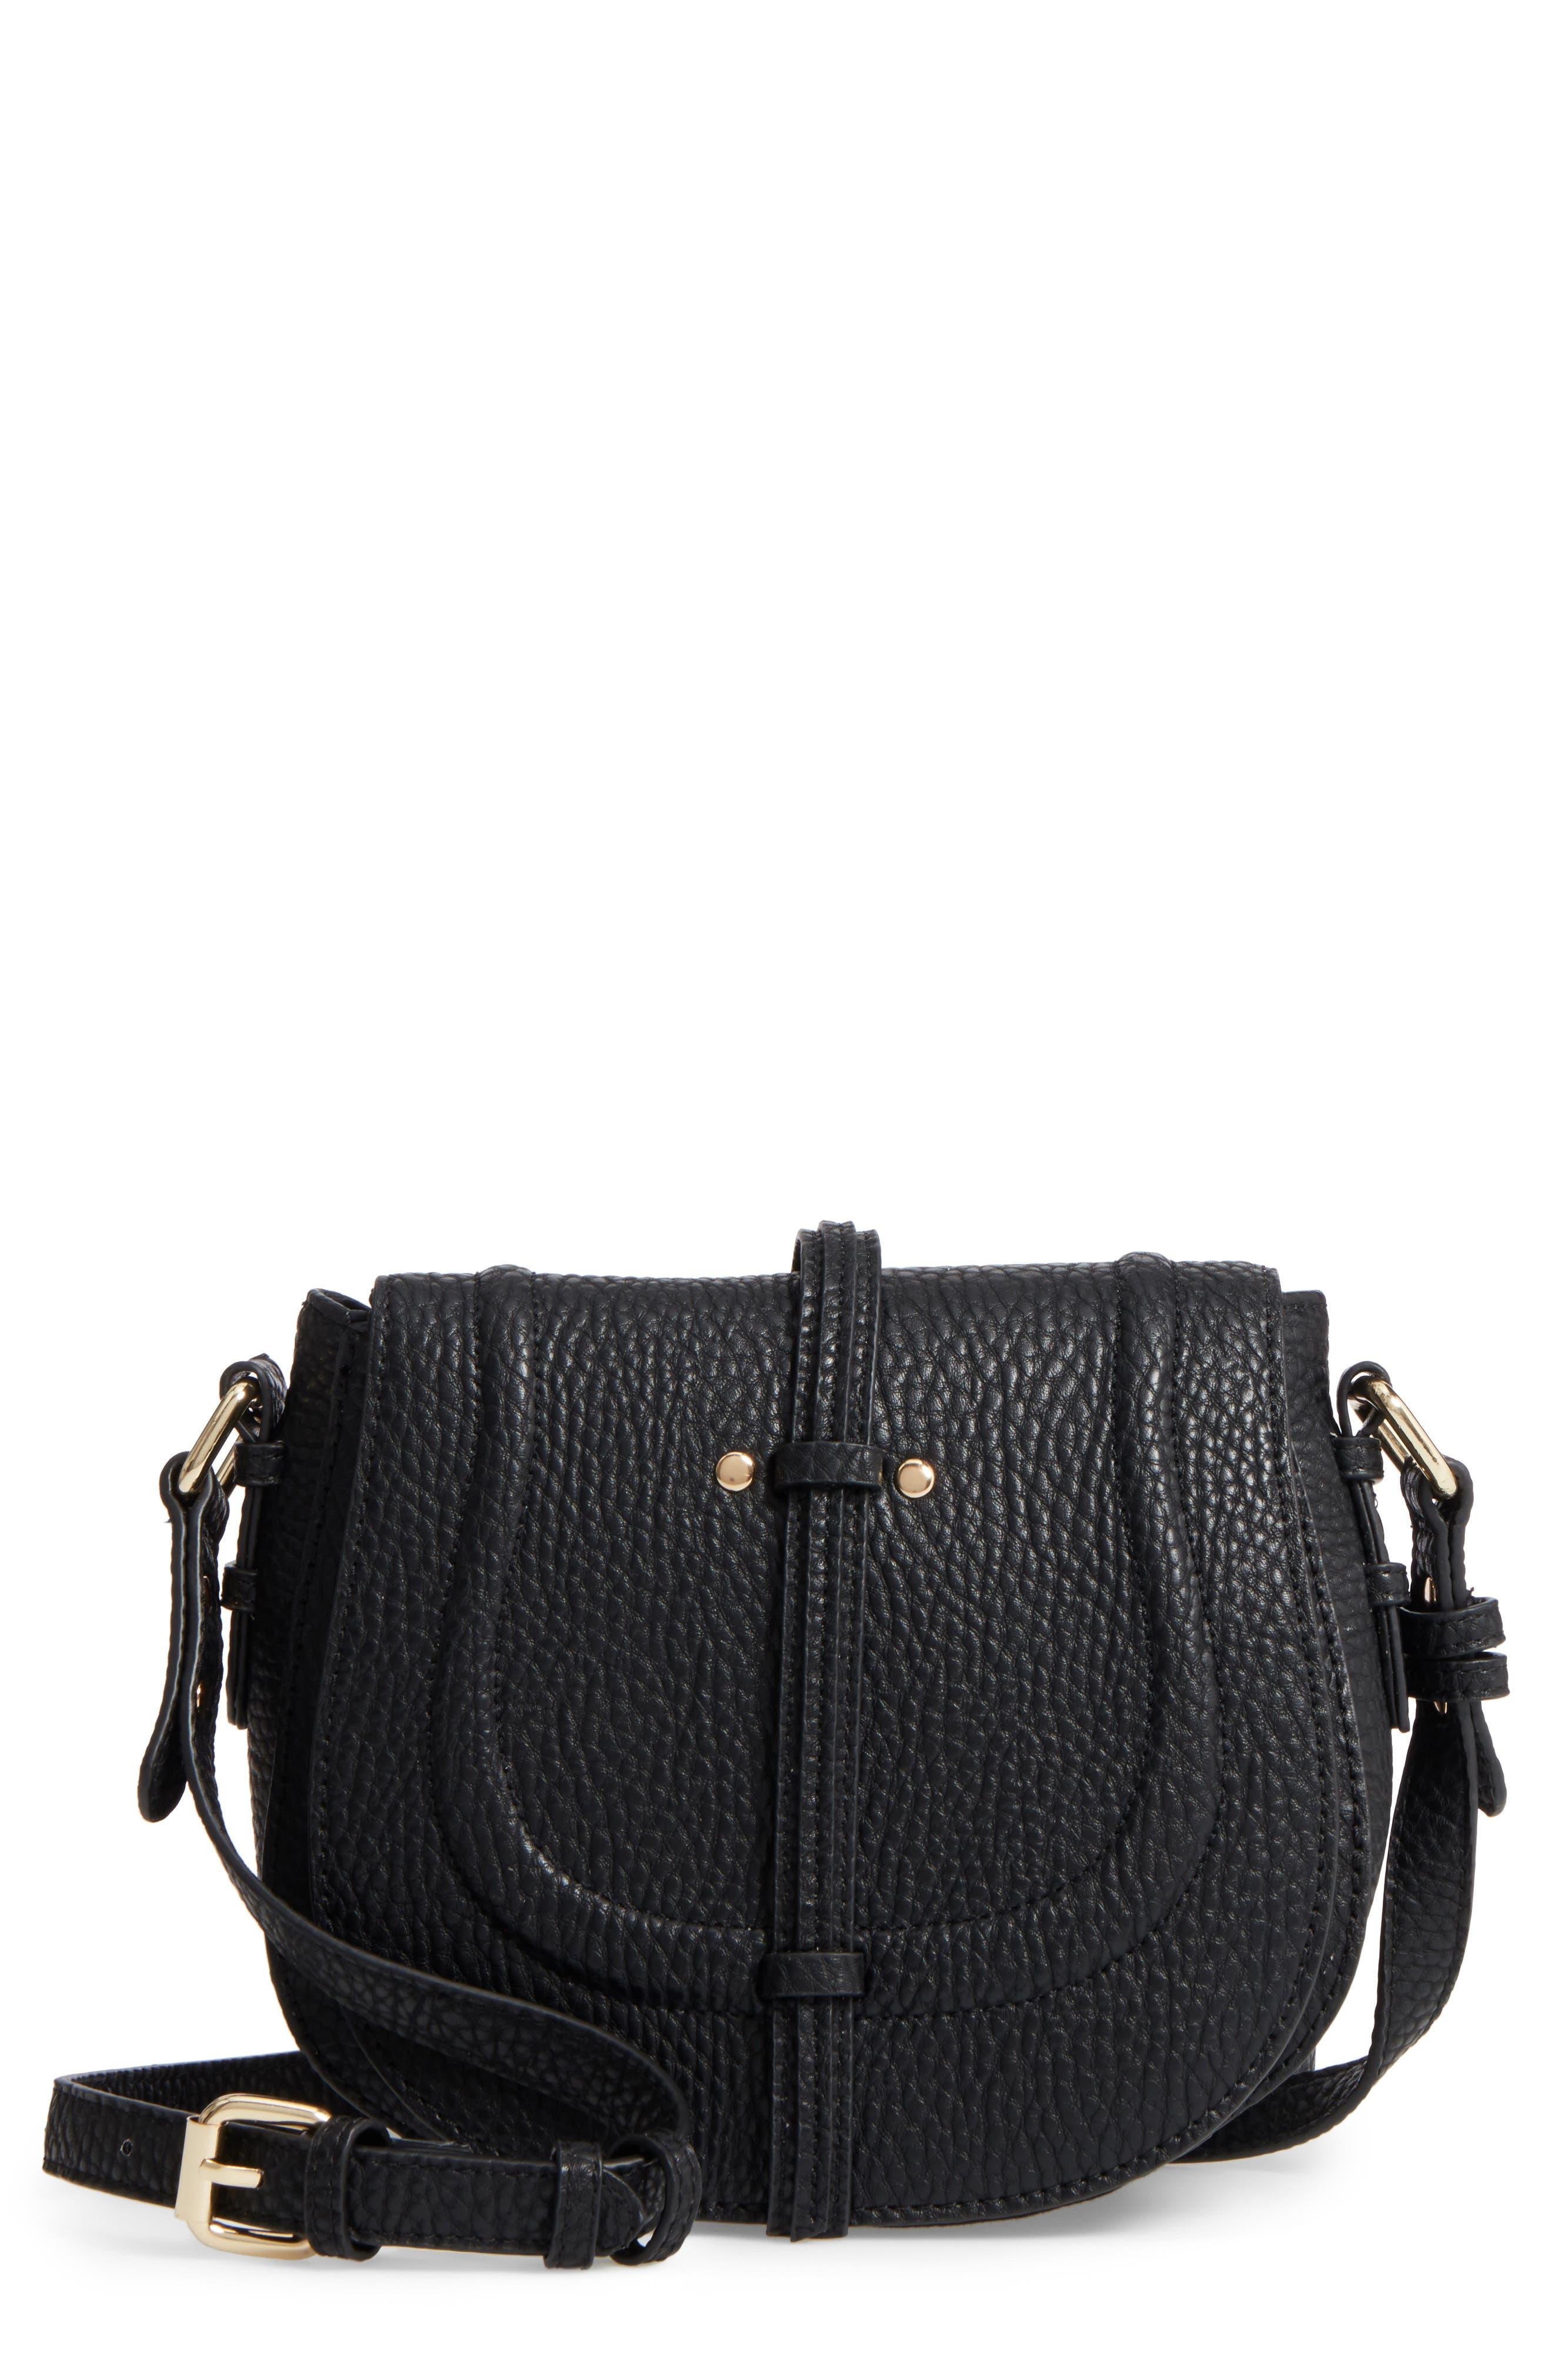 Linea Pelle Classic Faux Leather Saddle Bag